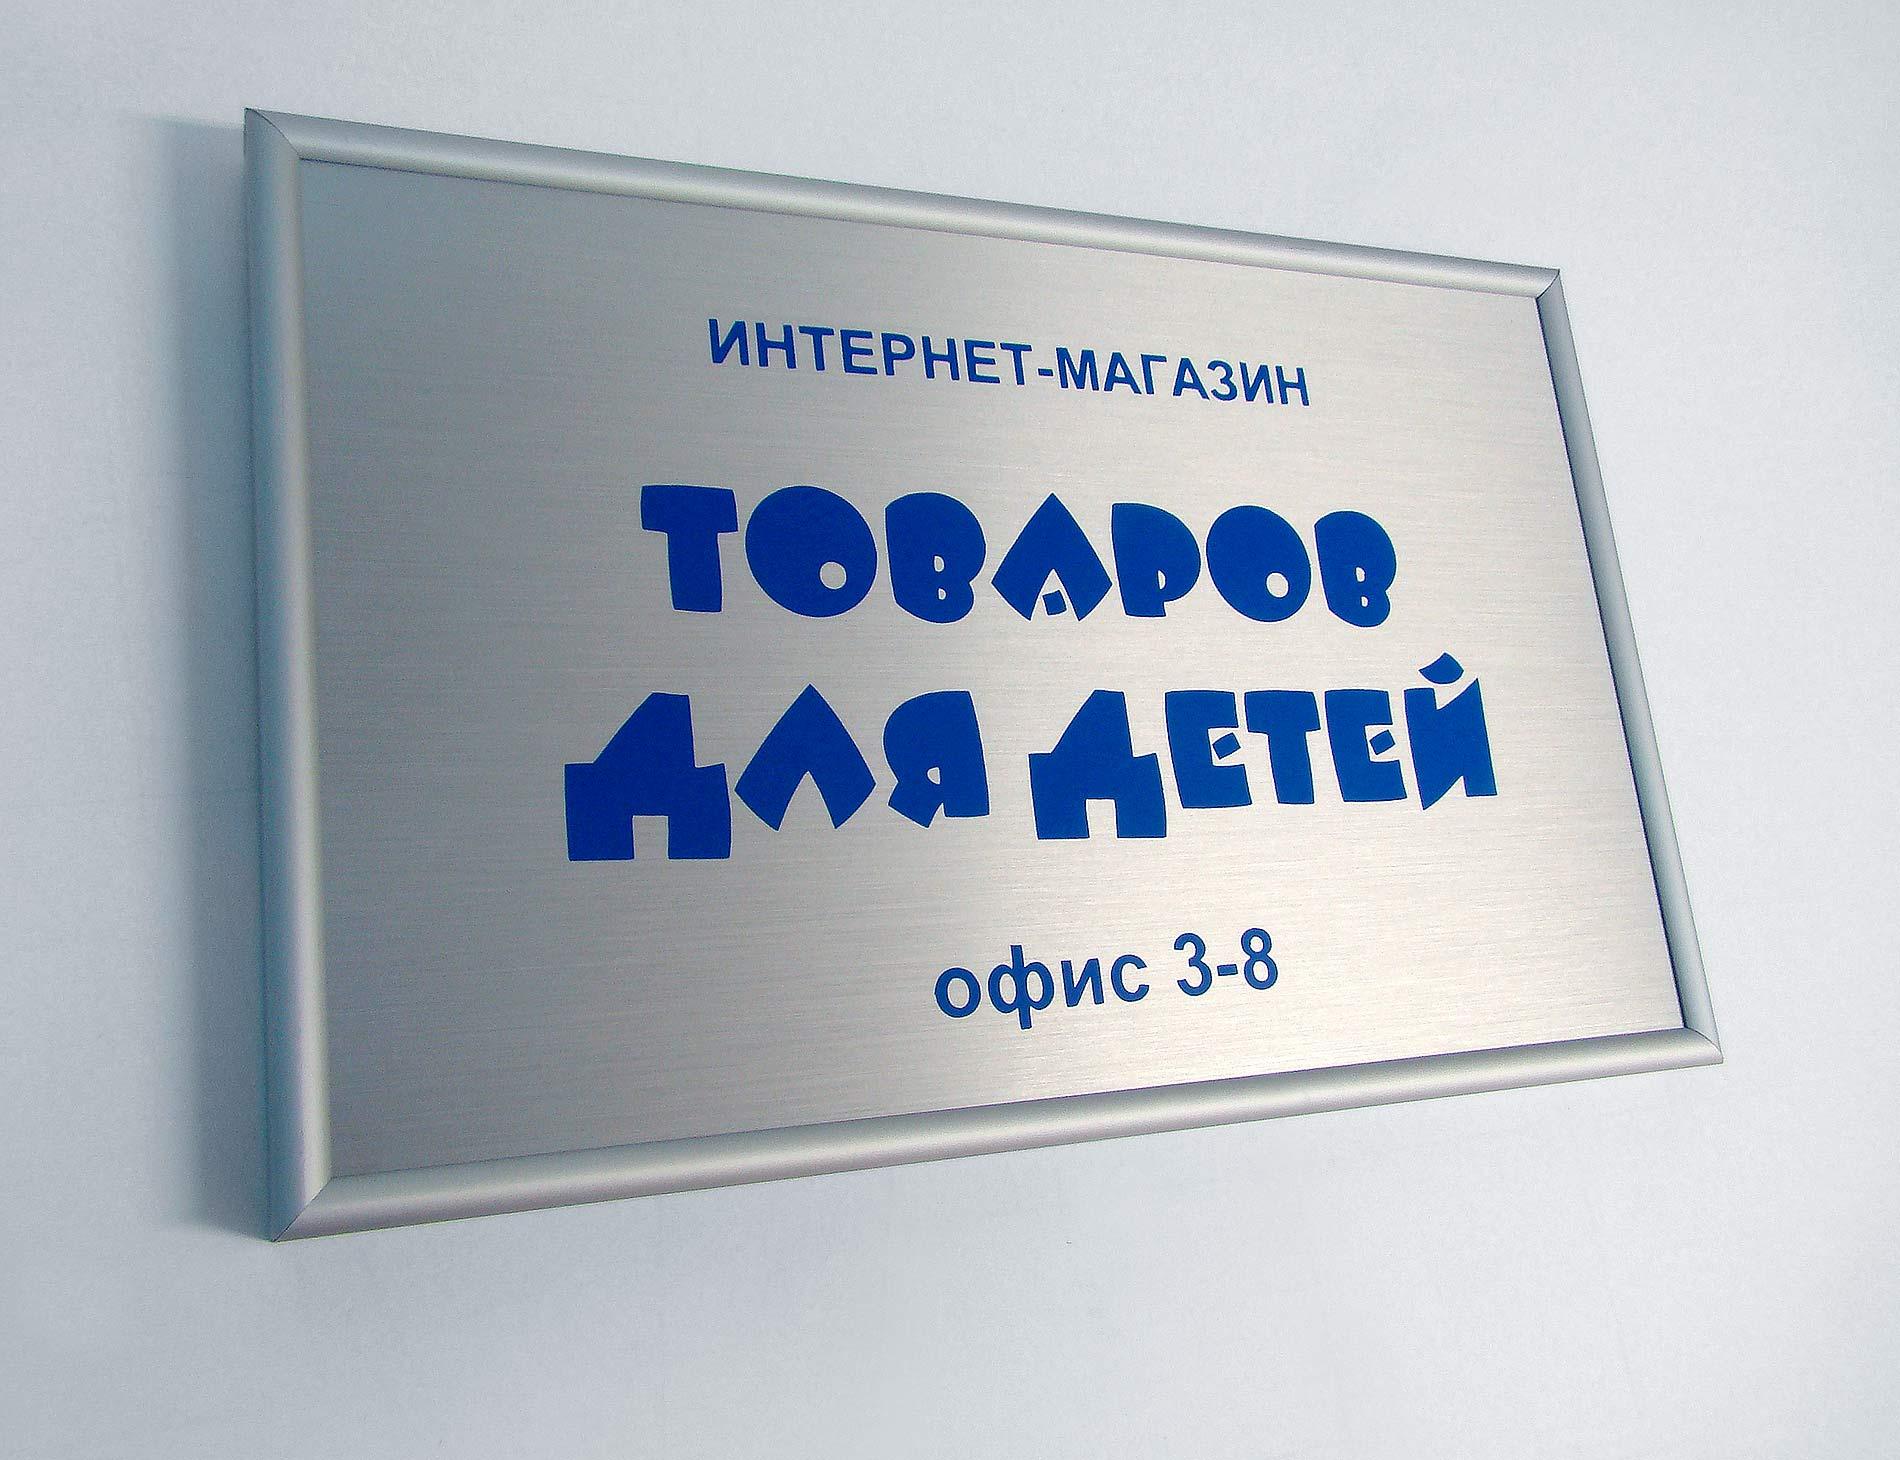 Табличка из металлопластика в алюминиевой рамке